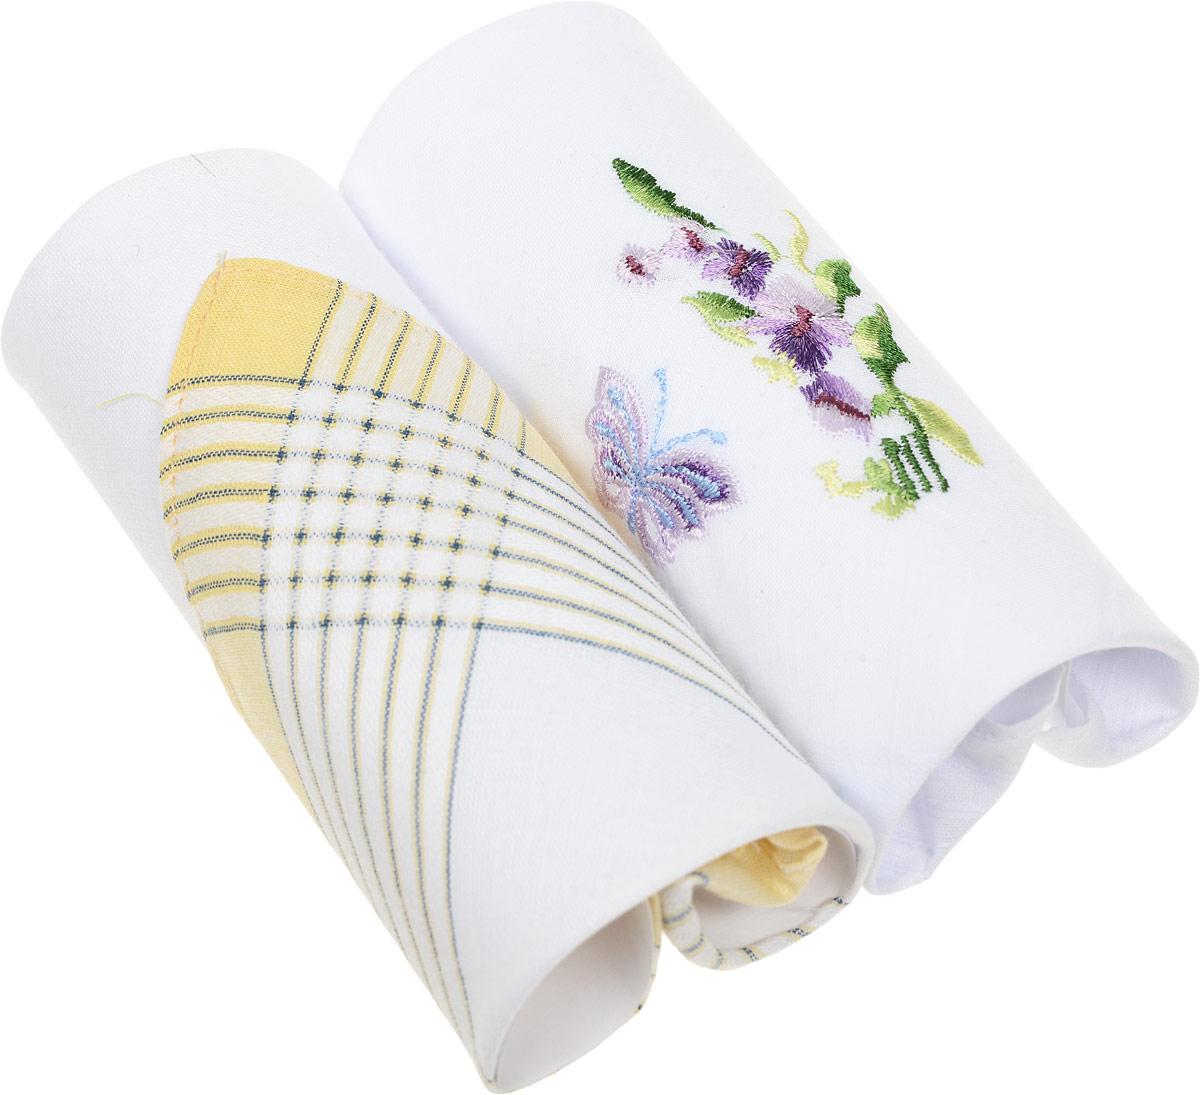 Платок носовой женский Zlata Korunka, цвет: белый, фиолетовый, 2 шт. 67004. Размер 27 х 27 смАжурная брошьЖенские носовые платки Zlata Korunka изготовлены из натурального хлопка, приятны в использовании, хорошо стираются, материал не садится и отлично впитывает влагу.В упаковке две штуки.